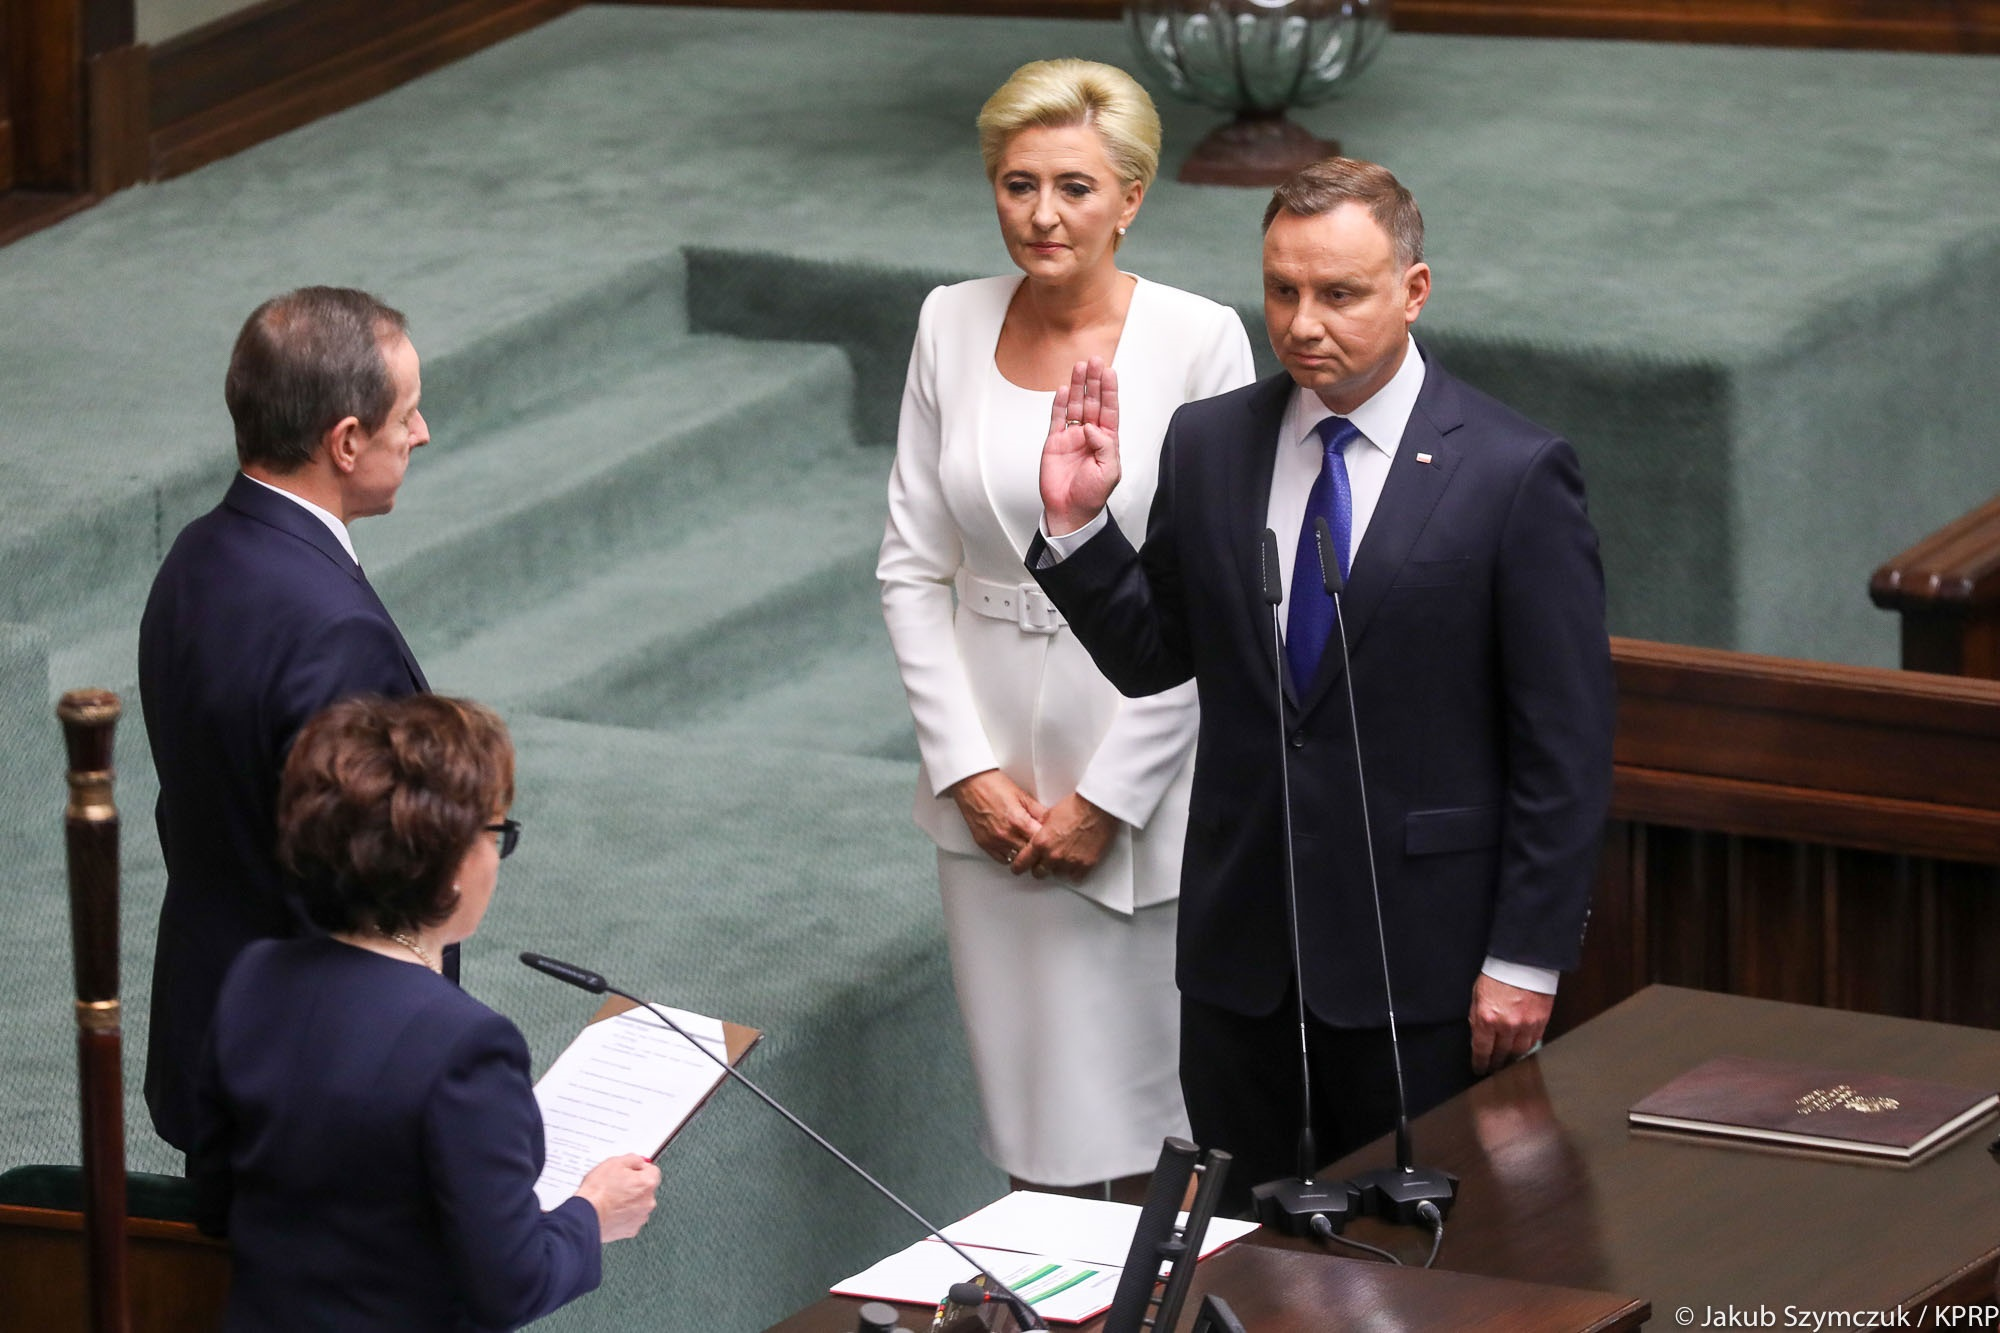 Prezydent Andrzej Duda złożył przysięgę przed Zgromadzeniem Narodowym - KPRP